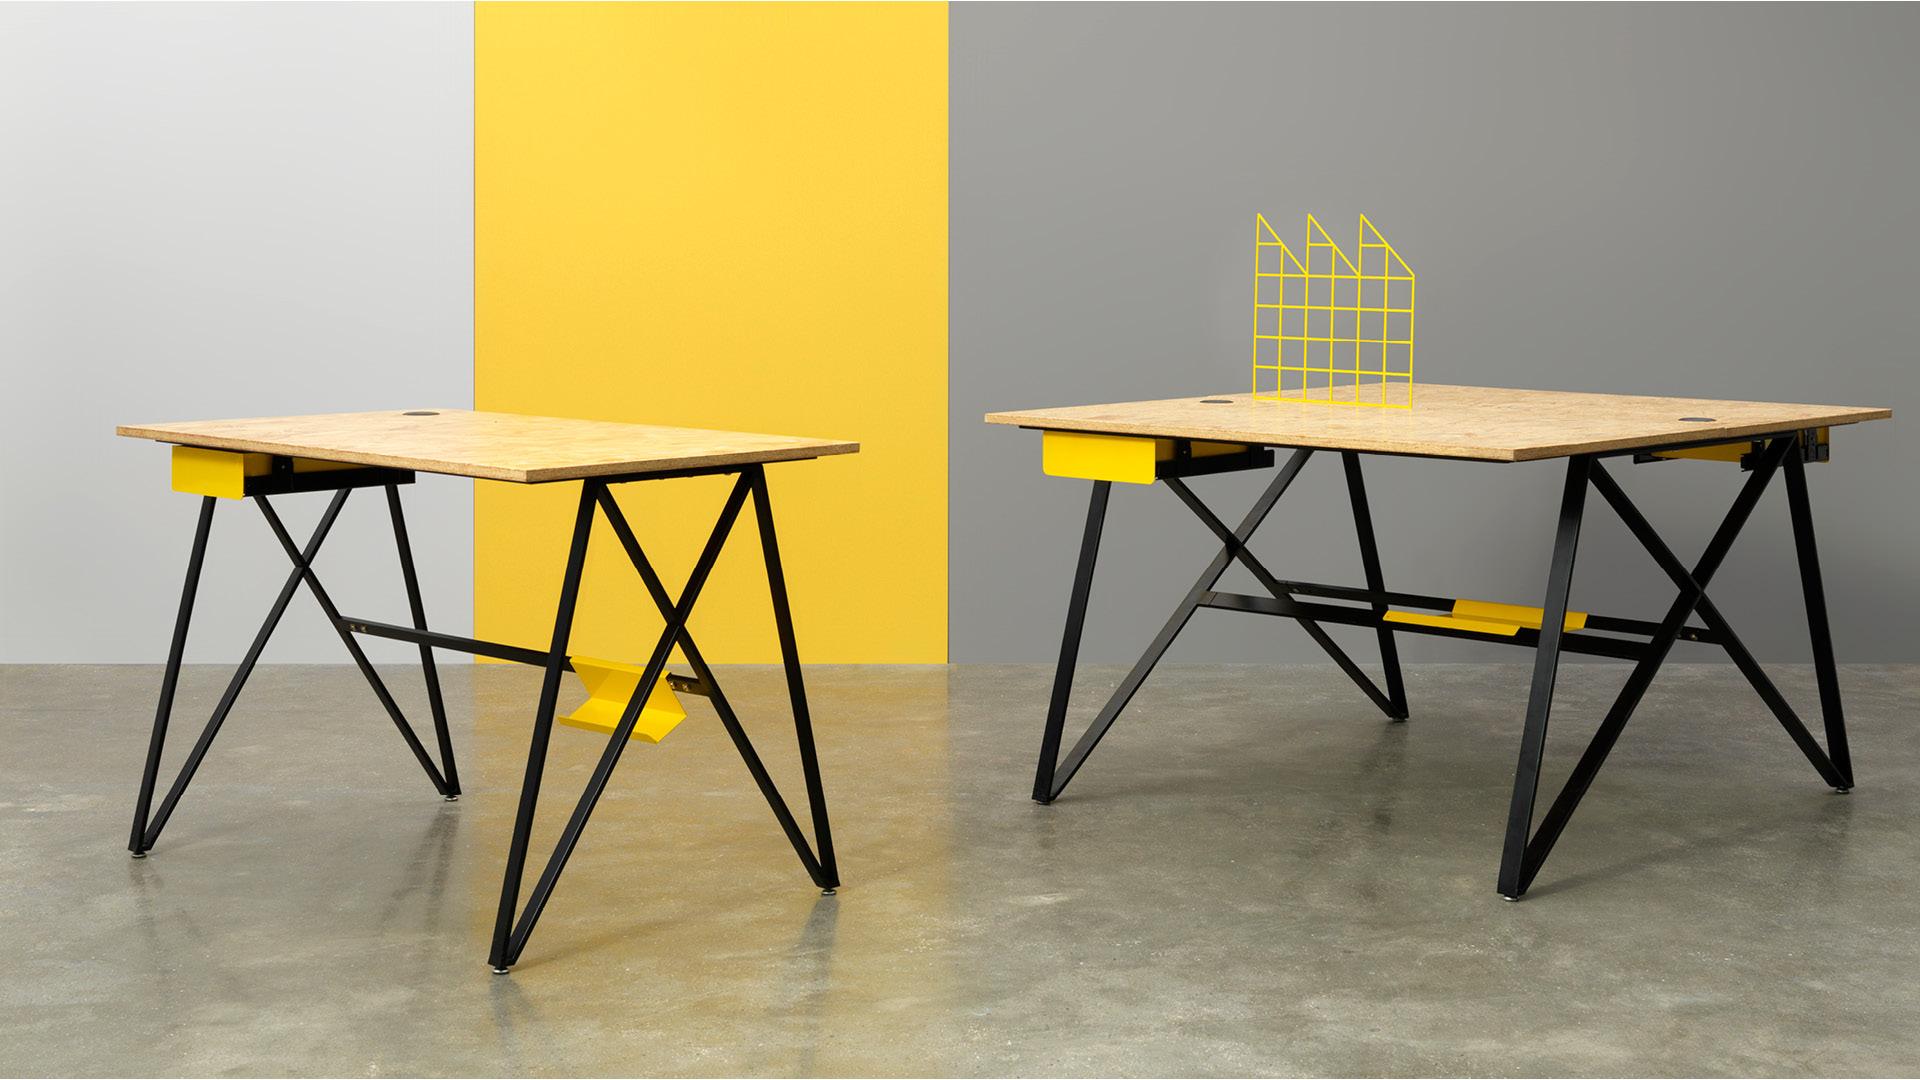 灵动桌板与硬朗金属腿的巧妙构思,独特X型造型,撑起整个办公桌的工业摩登气质,单/双人人位和屏风组件的自由选购,创造你的极致工作间吧。